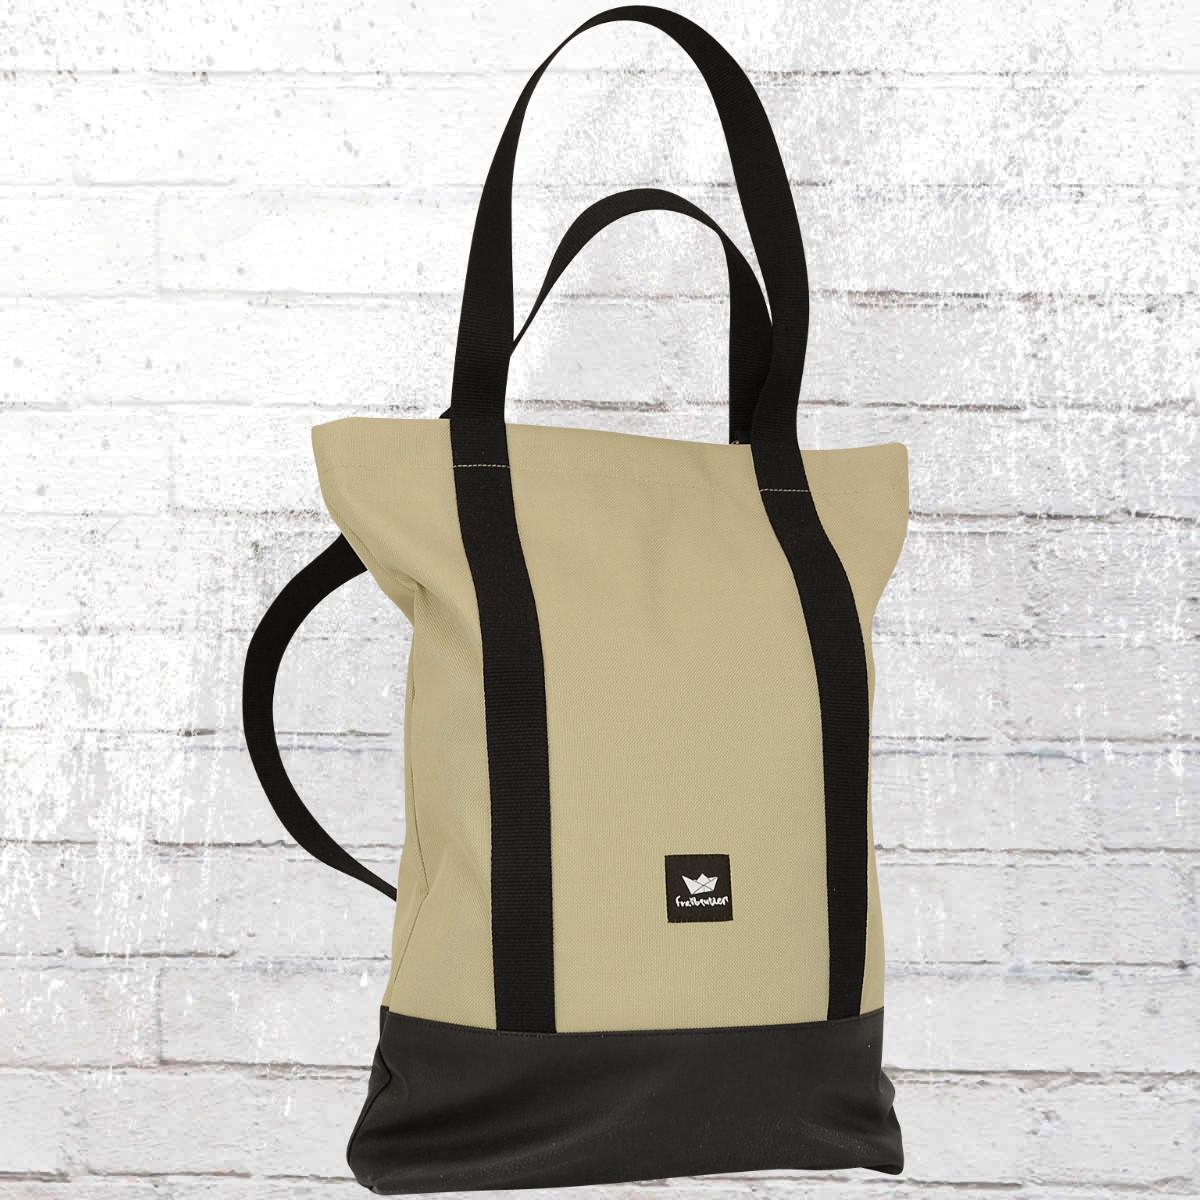 jetzt bestellen freibeutler rucksack tasche shopper bag beige schwarz krasse. Black Bedroom Furniture Sets. Home Design Ideas